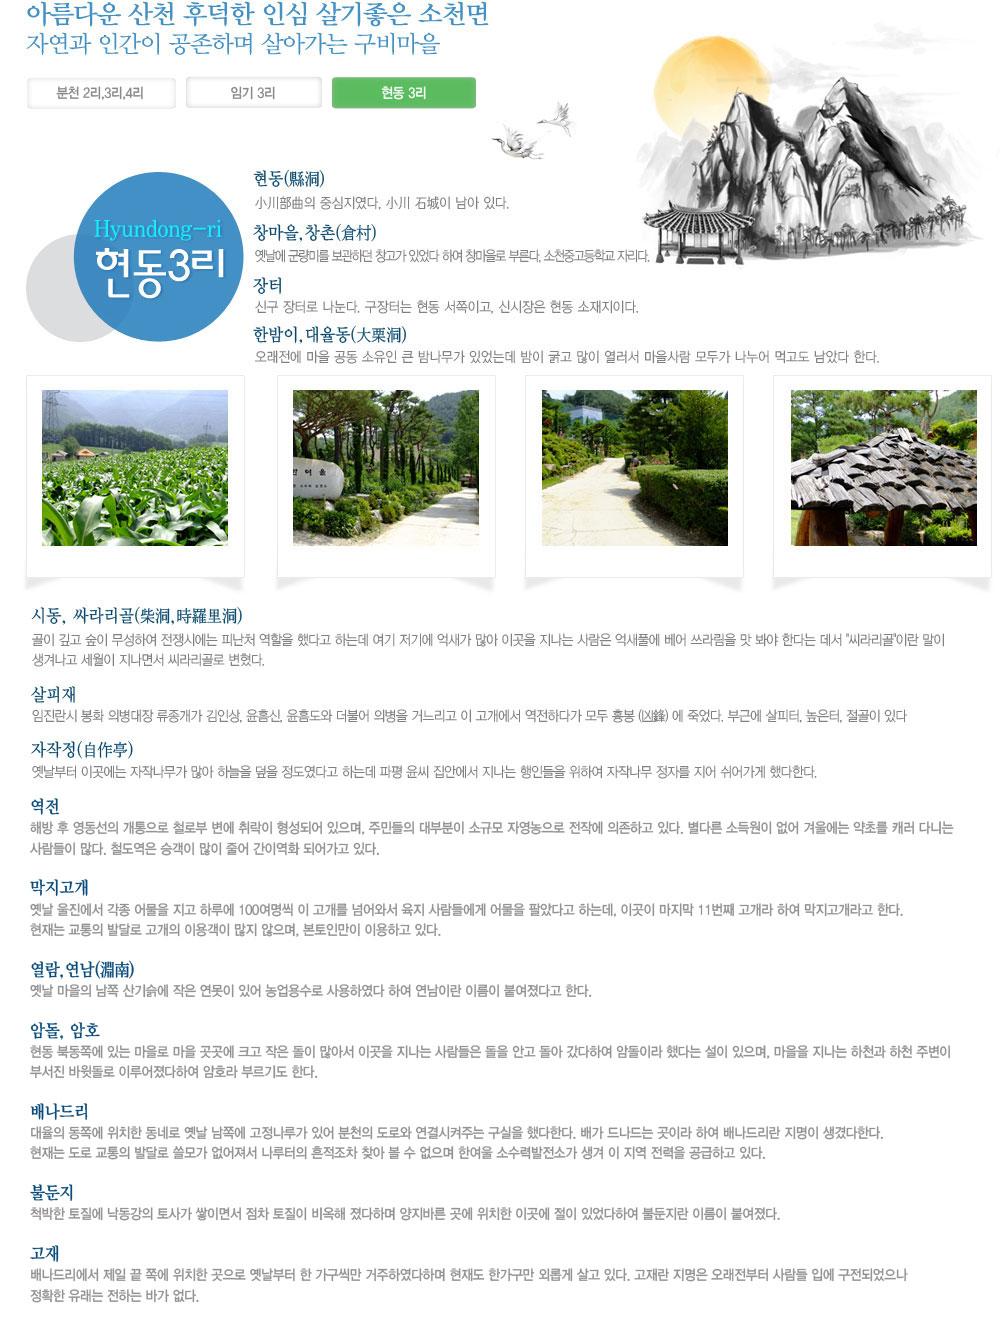 마을소개_현동리.jpg